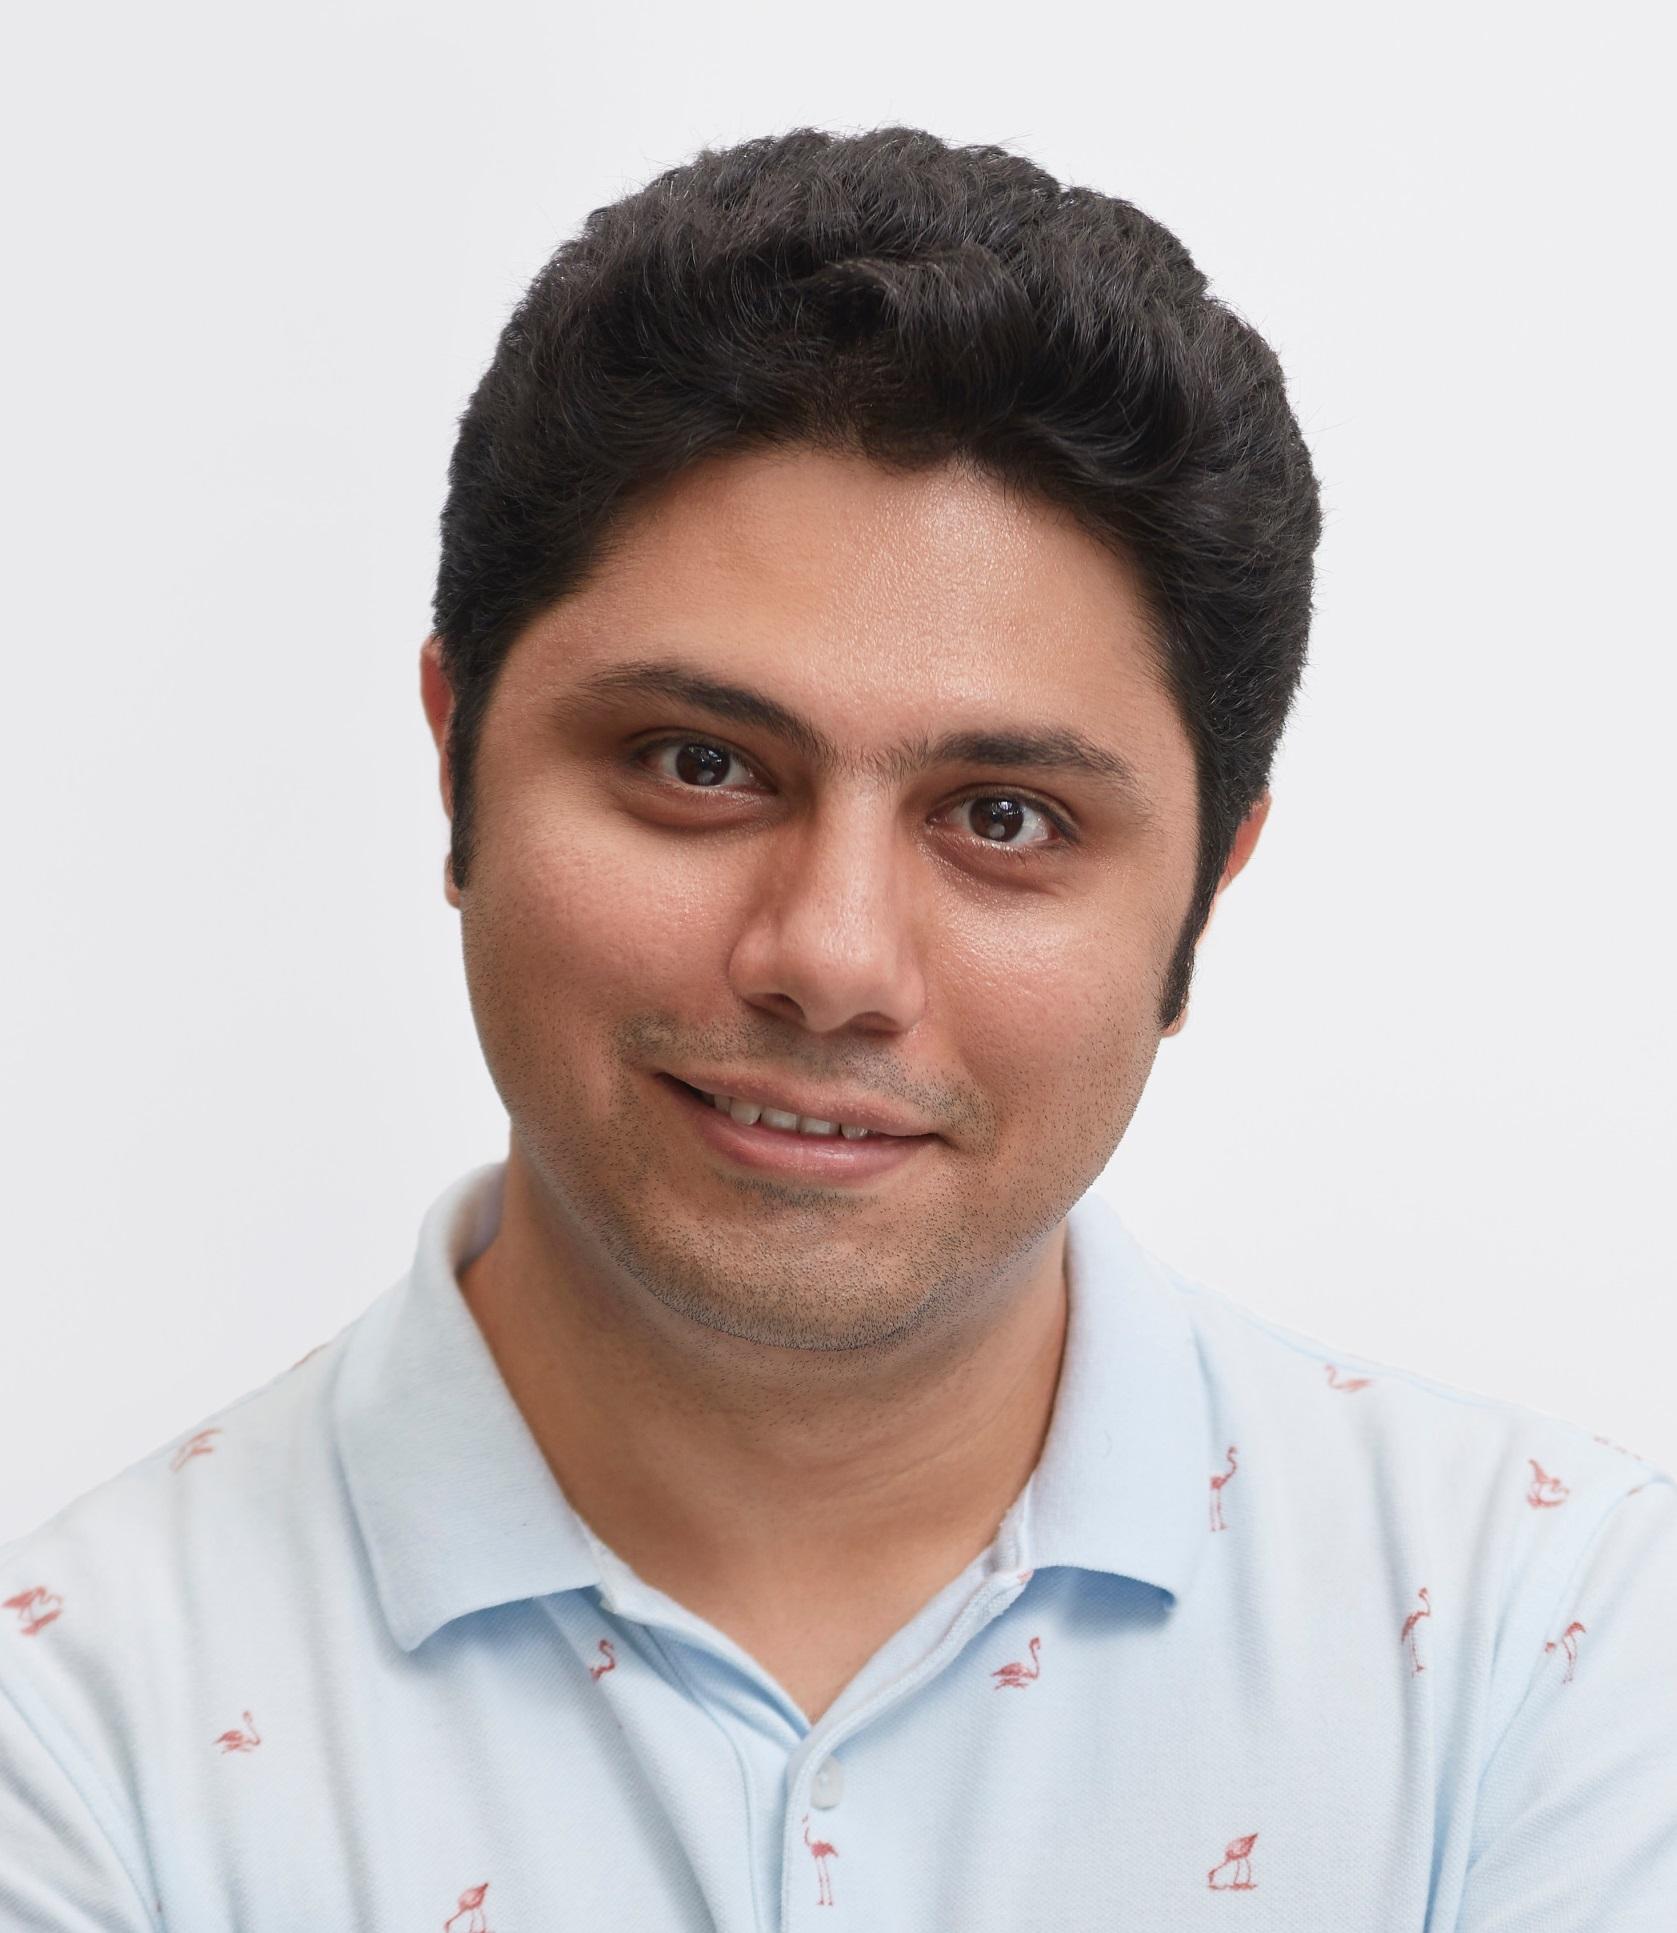 Amir Behzad Eslami